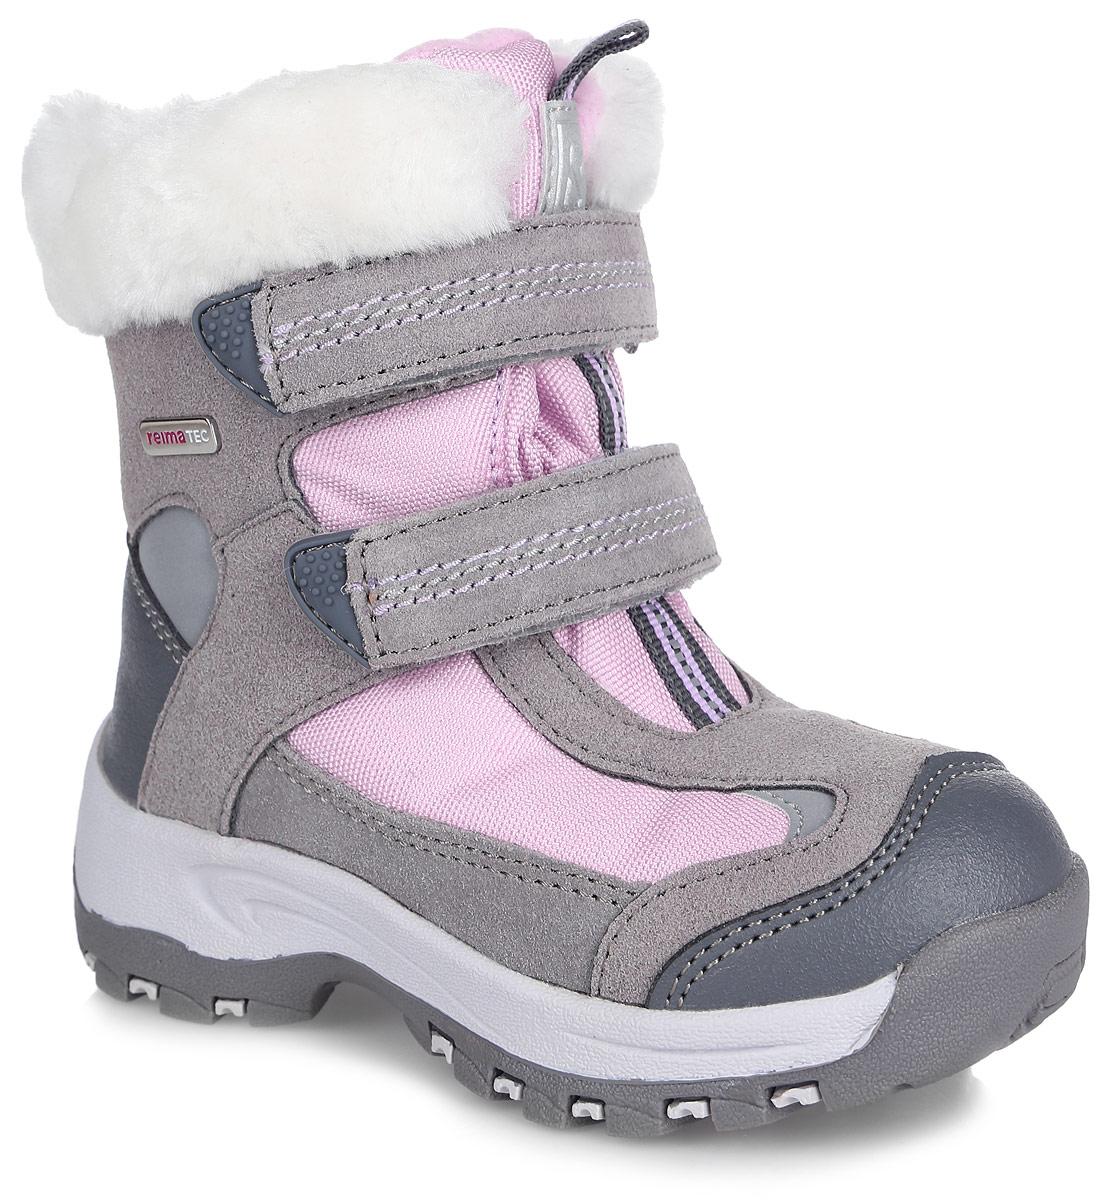 Ботинки детские Reima Reimatec Kinos, цвет: серый, розовый. 569296-9390. Размер 31569296-9390БотинкиReimatec Kinos выполнены из натуральной телячьей замши, искусственной кожи и плотного полиэстера. Модель оформлена металлической пластинкой с названием бренда. Ярлычки на заднике и язычке облегчат надевание модели. На ноге модель фиксируется с помощью ремешков с застежками-липучками. Верхняя часть внутренней поверхности выполнена из утепленного текстиля. Подкладка выполнена из искусственного меха, который обеспечит тепло и комфорт. Рисунок Happy Fit на съемных войлочных стельках поможет подобрать нужный размер или измерить быстрорастущую ножку ребенка. Подошва изготовлена из высококачественной термопластиковой резины и дополнена протектором, который гарантирует отличное сцепление с любой поверхностью. Светоотражающие детали позволяют лучше разглядеть ребенка в темное время суток.Ботинки имеют степень утепления, рассчитанную на температуры от 0 до -20°С.